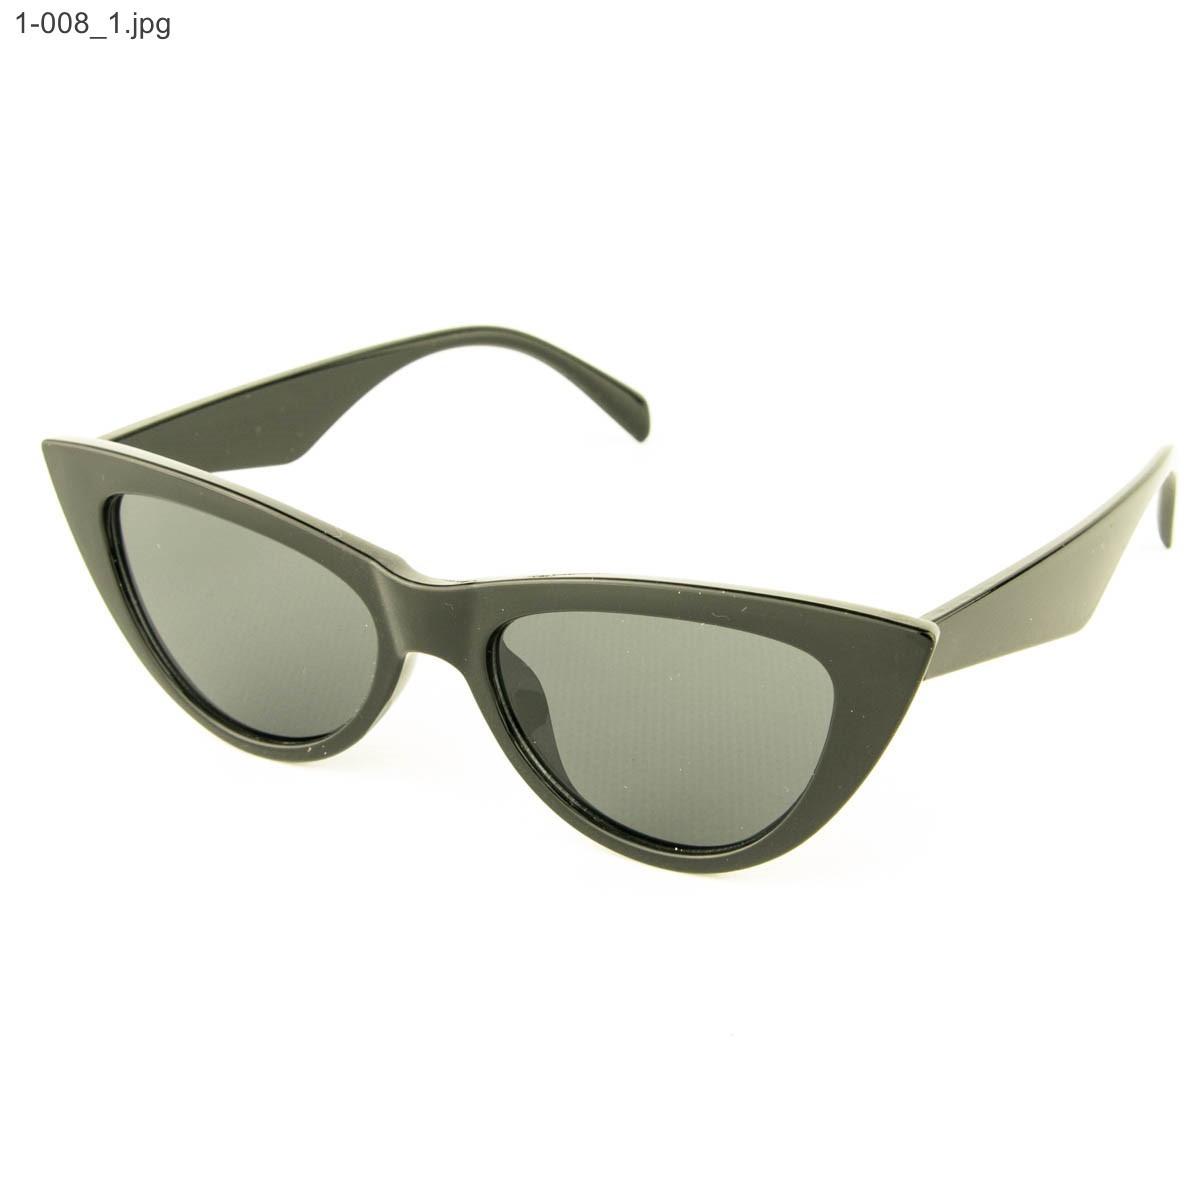 Оптом очки кошачий глаз - Черные - 1-008